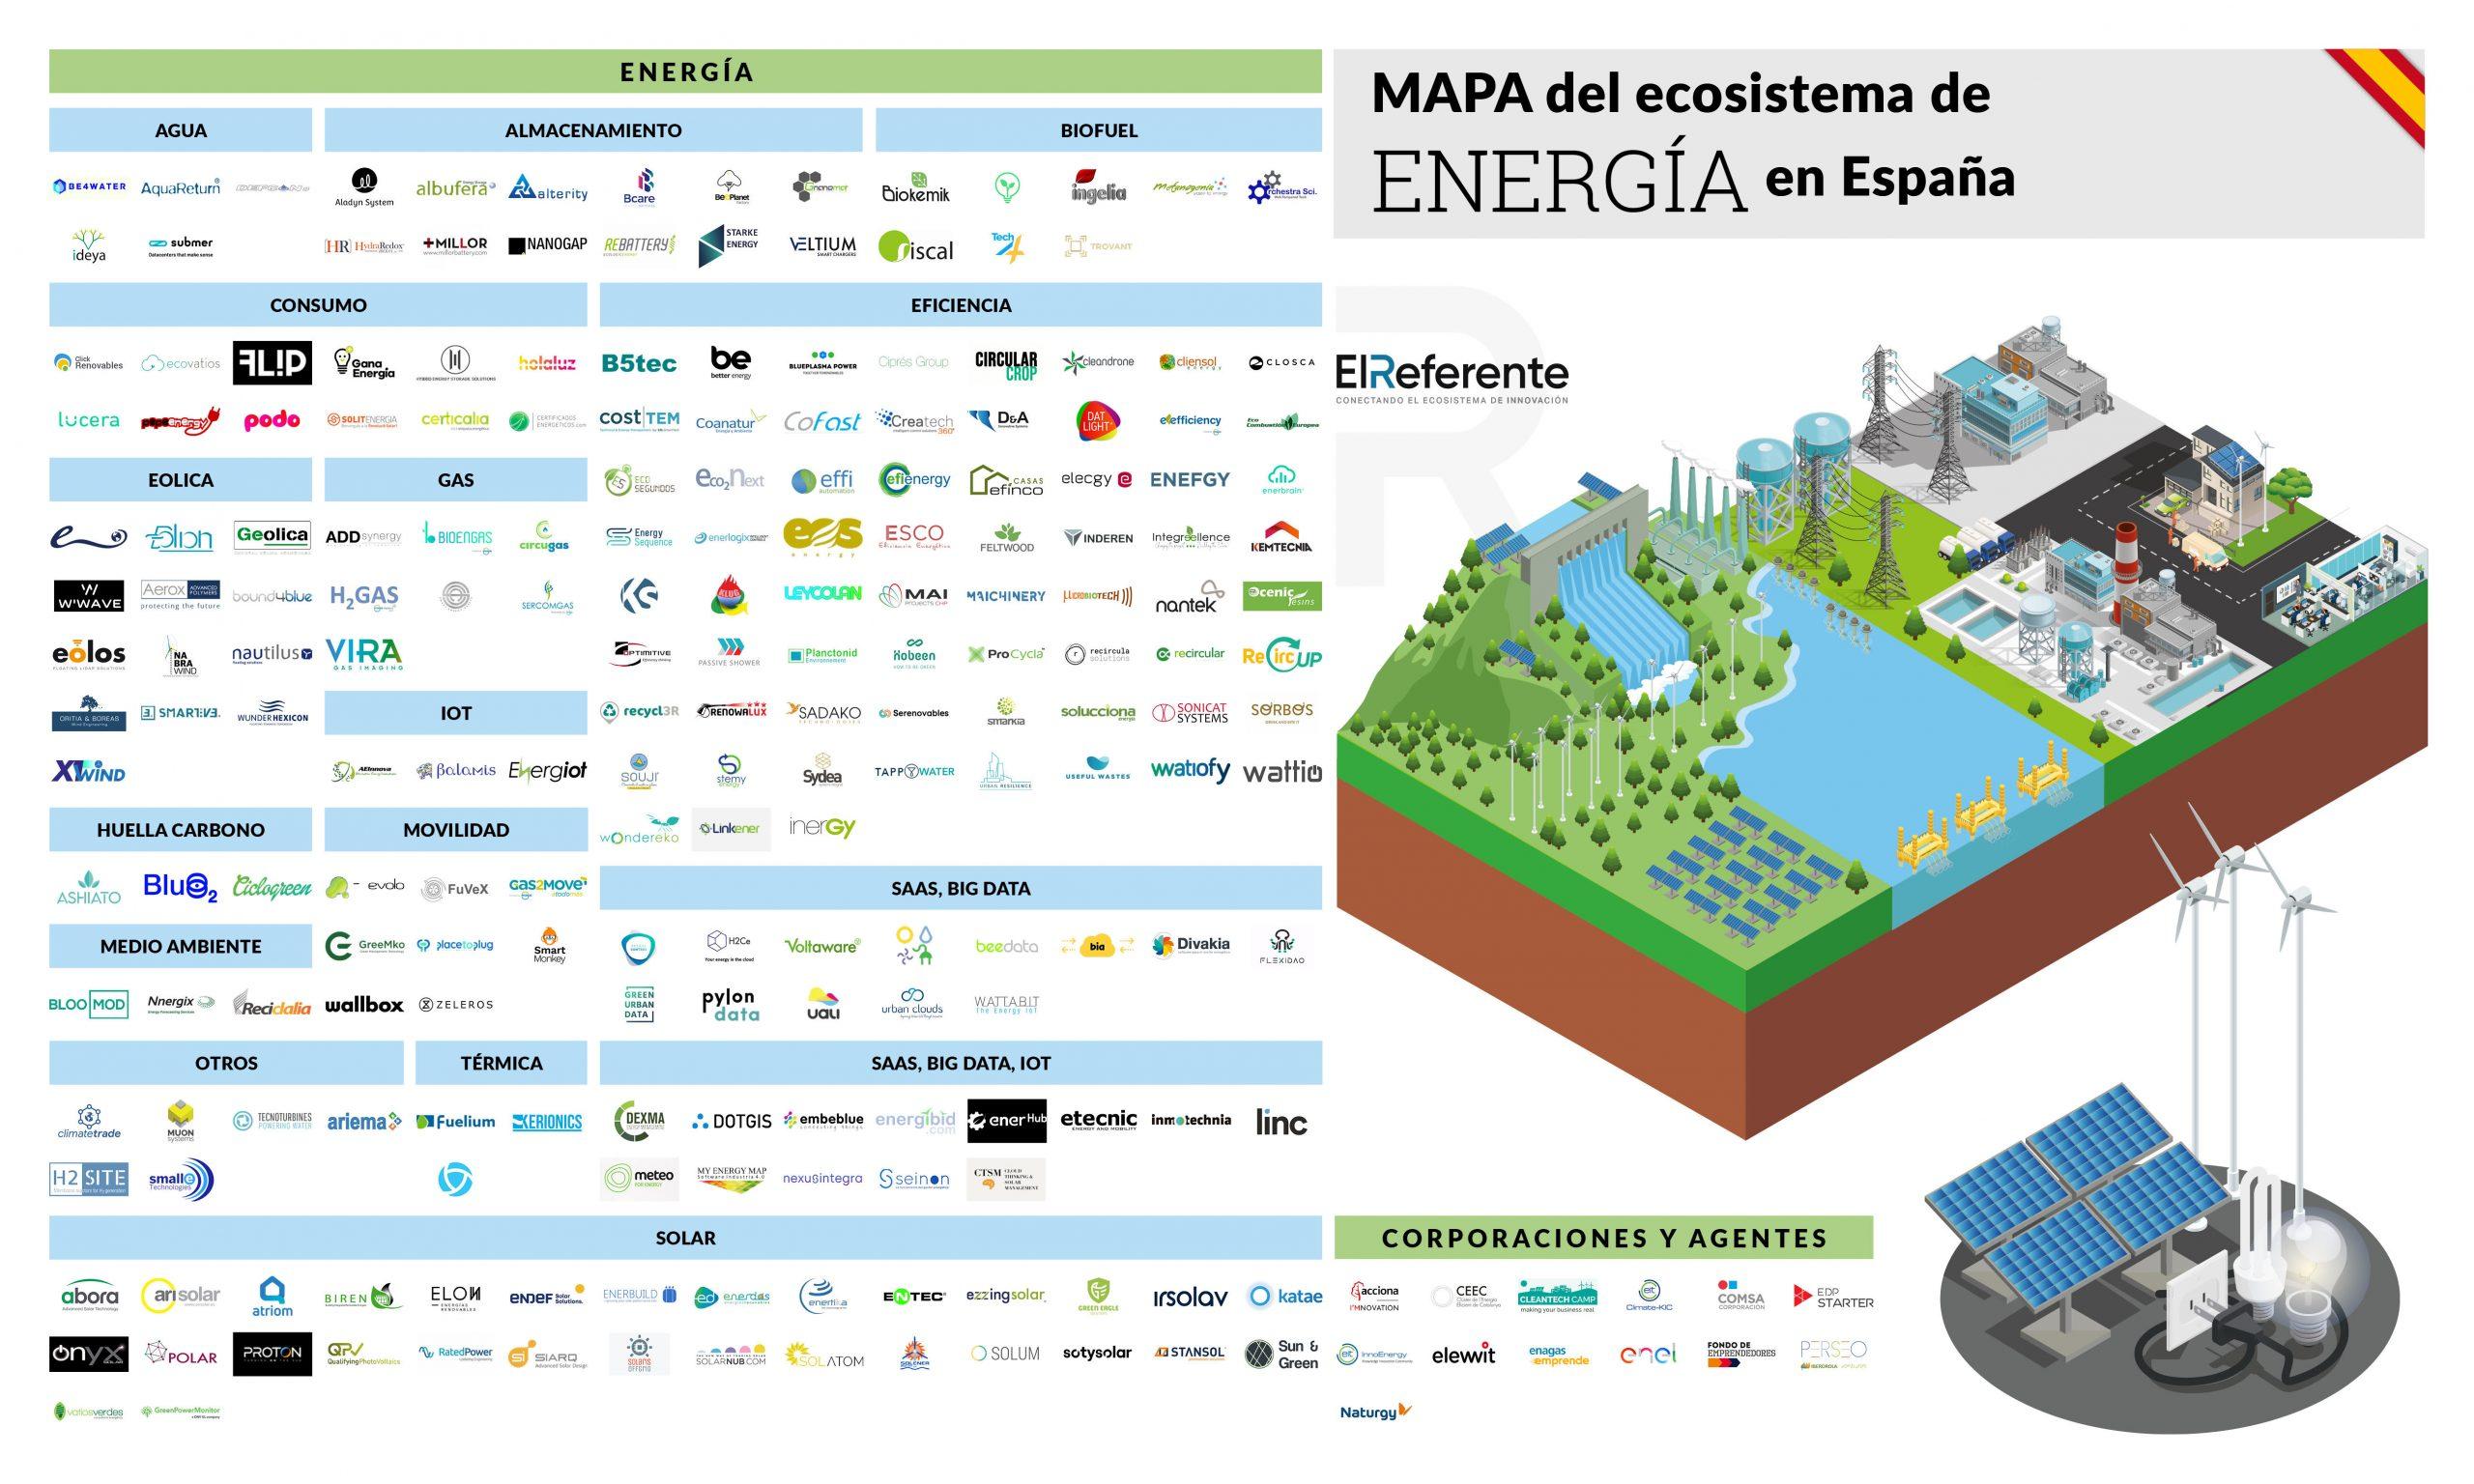 El sector EnergyTech avanza imparable hacia la sostenibilidad y la descarbonización